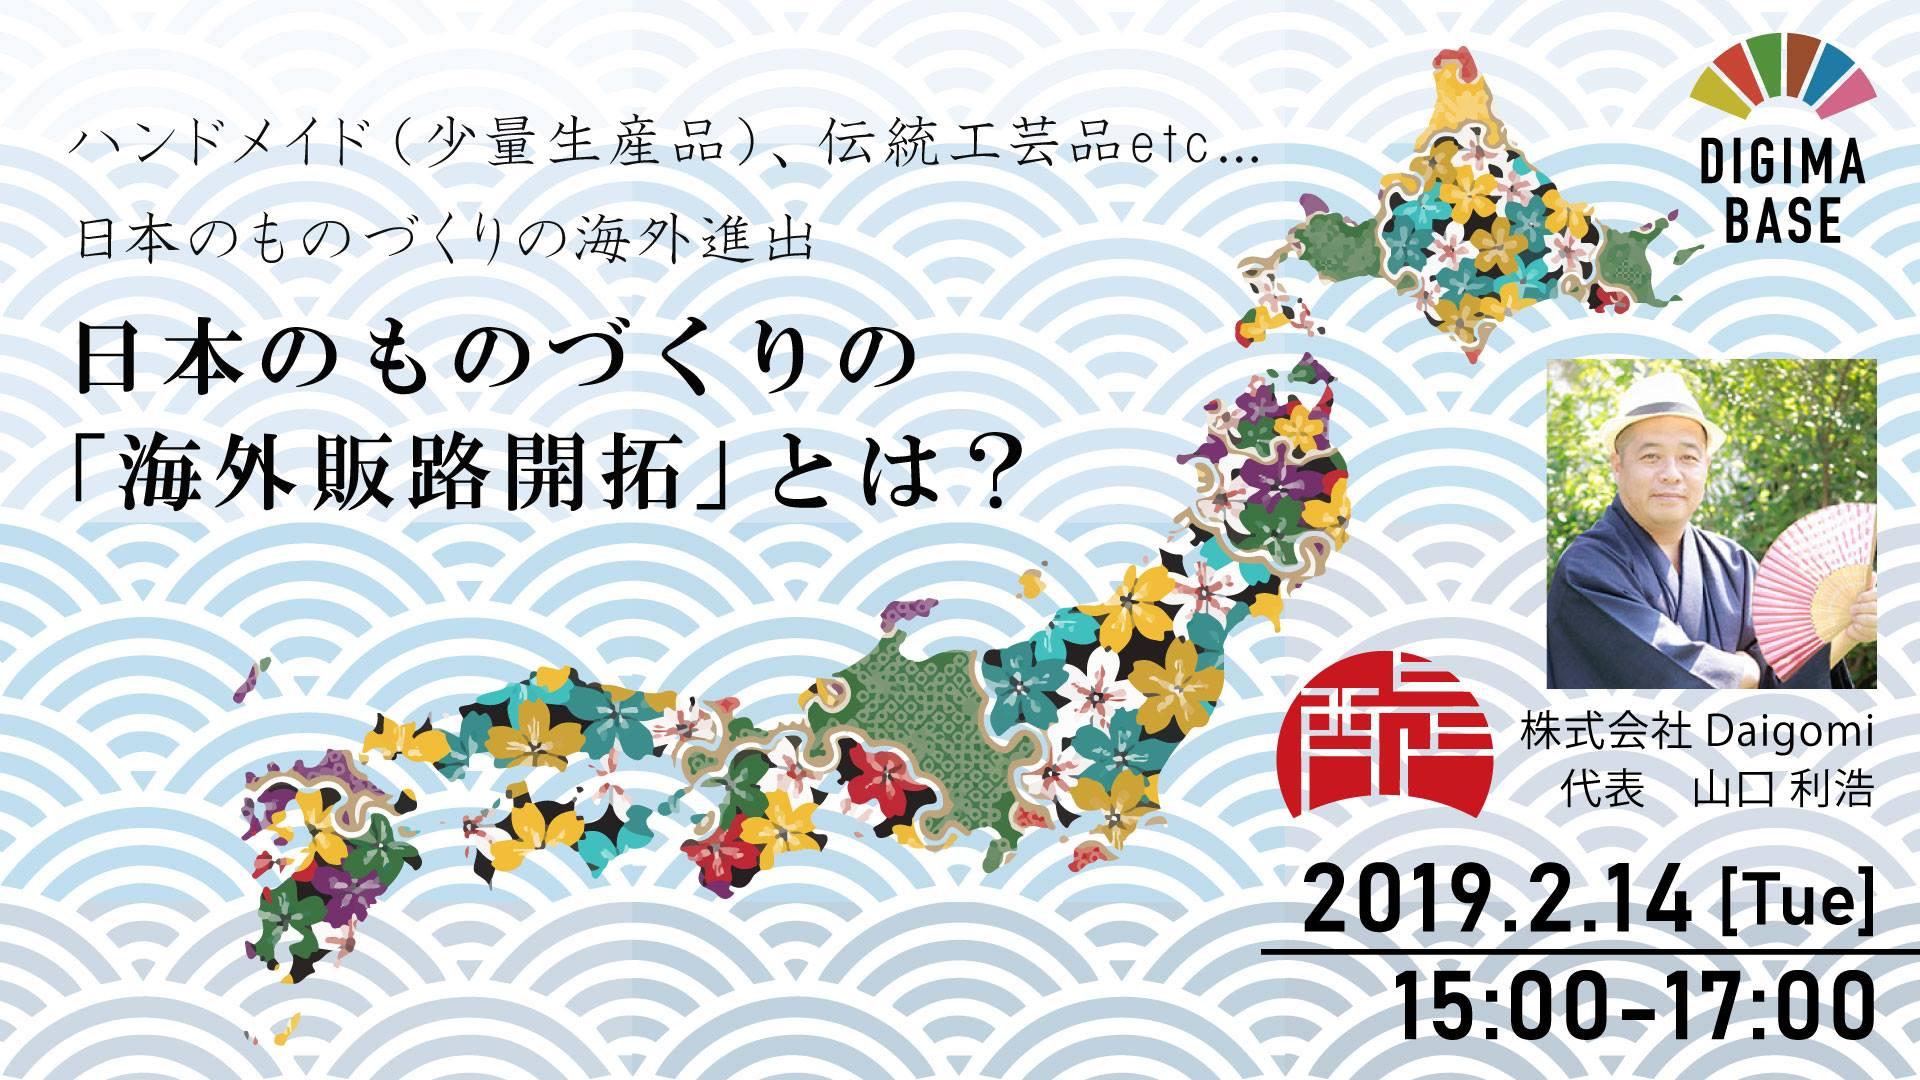 【海外ビジネスサロンセミナー】日本のものづくりの「海外販路開拓」とは?